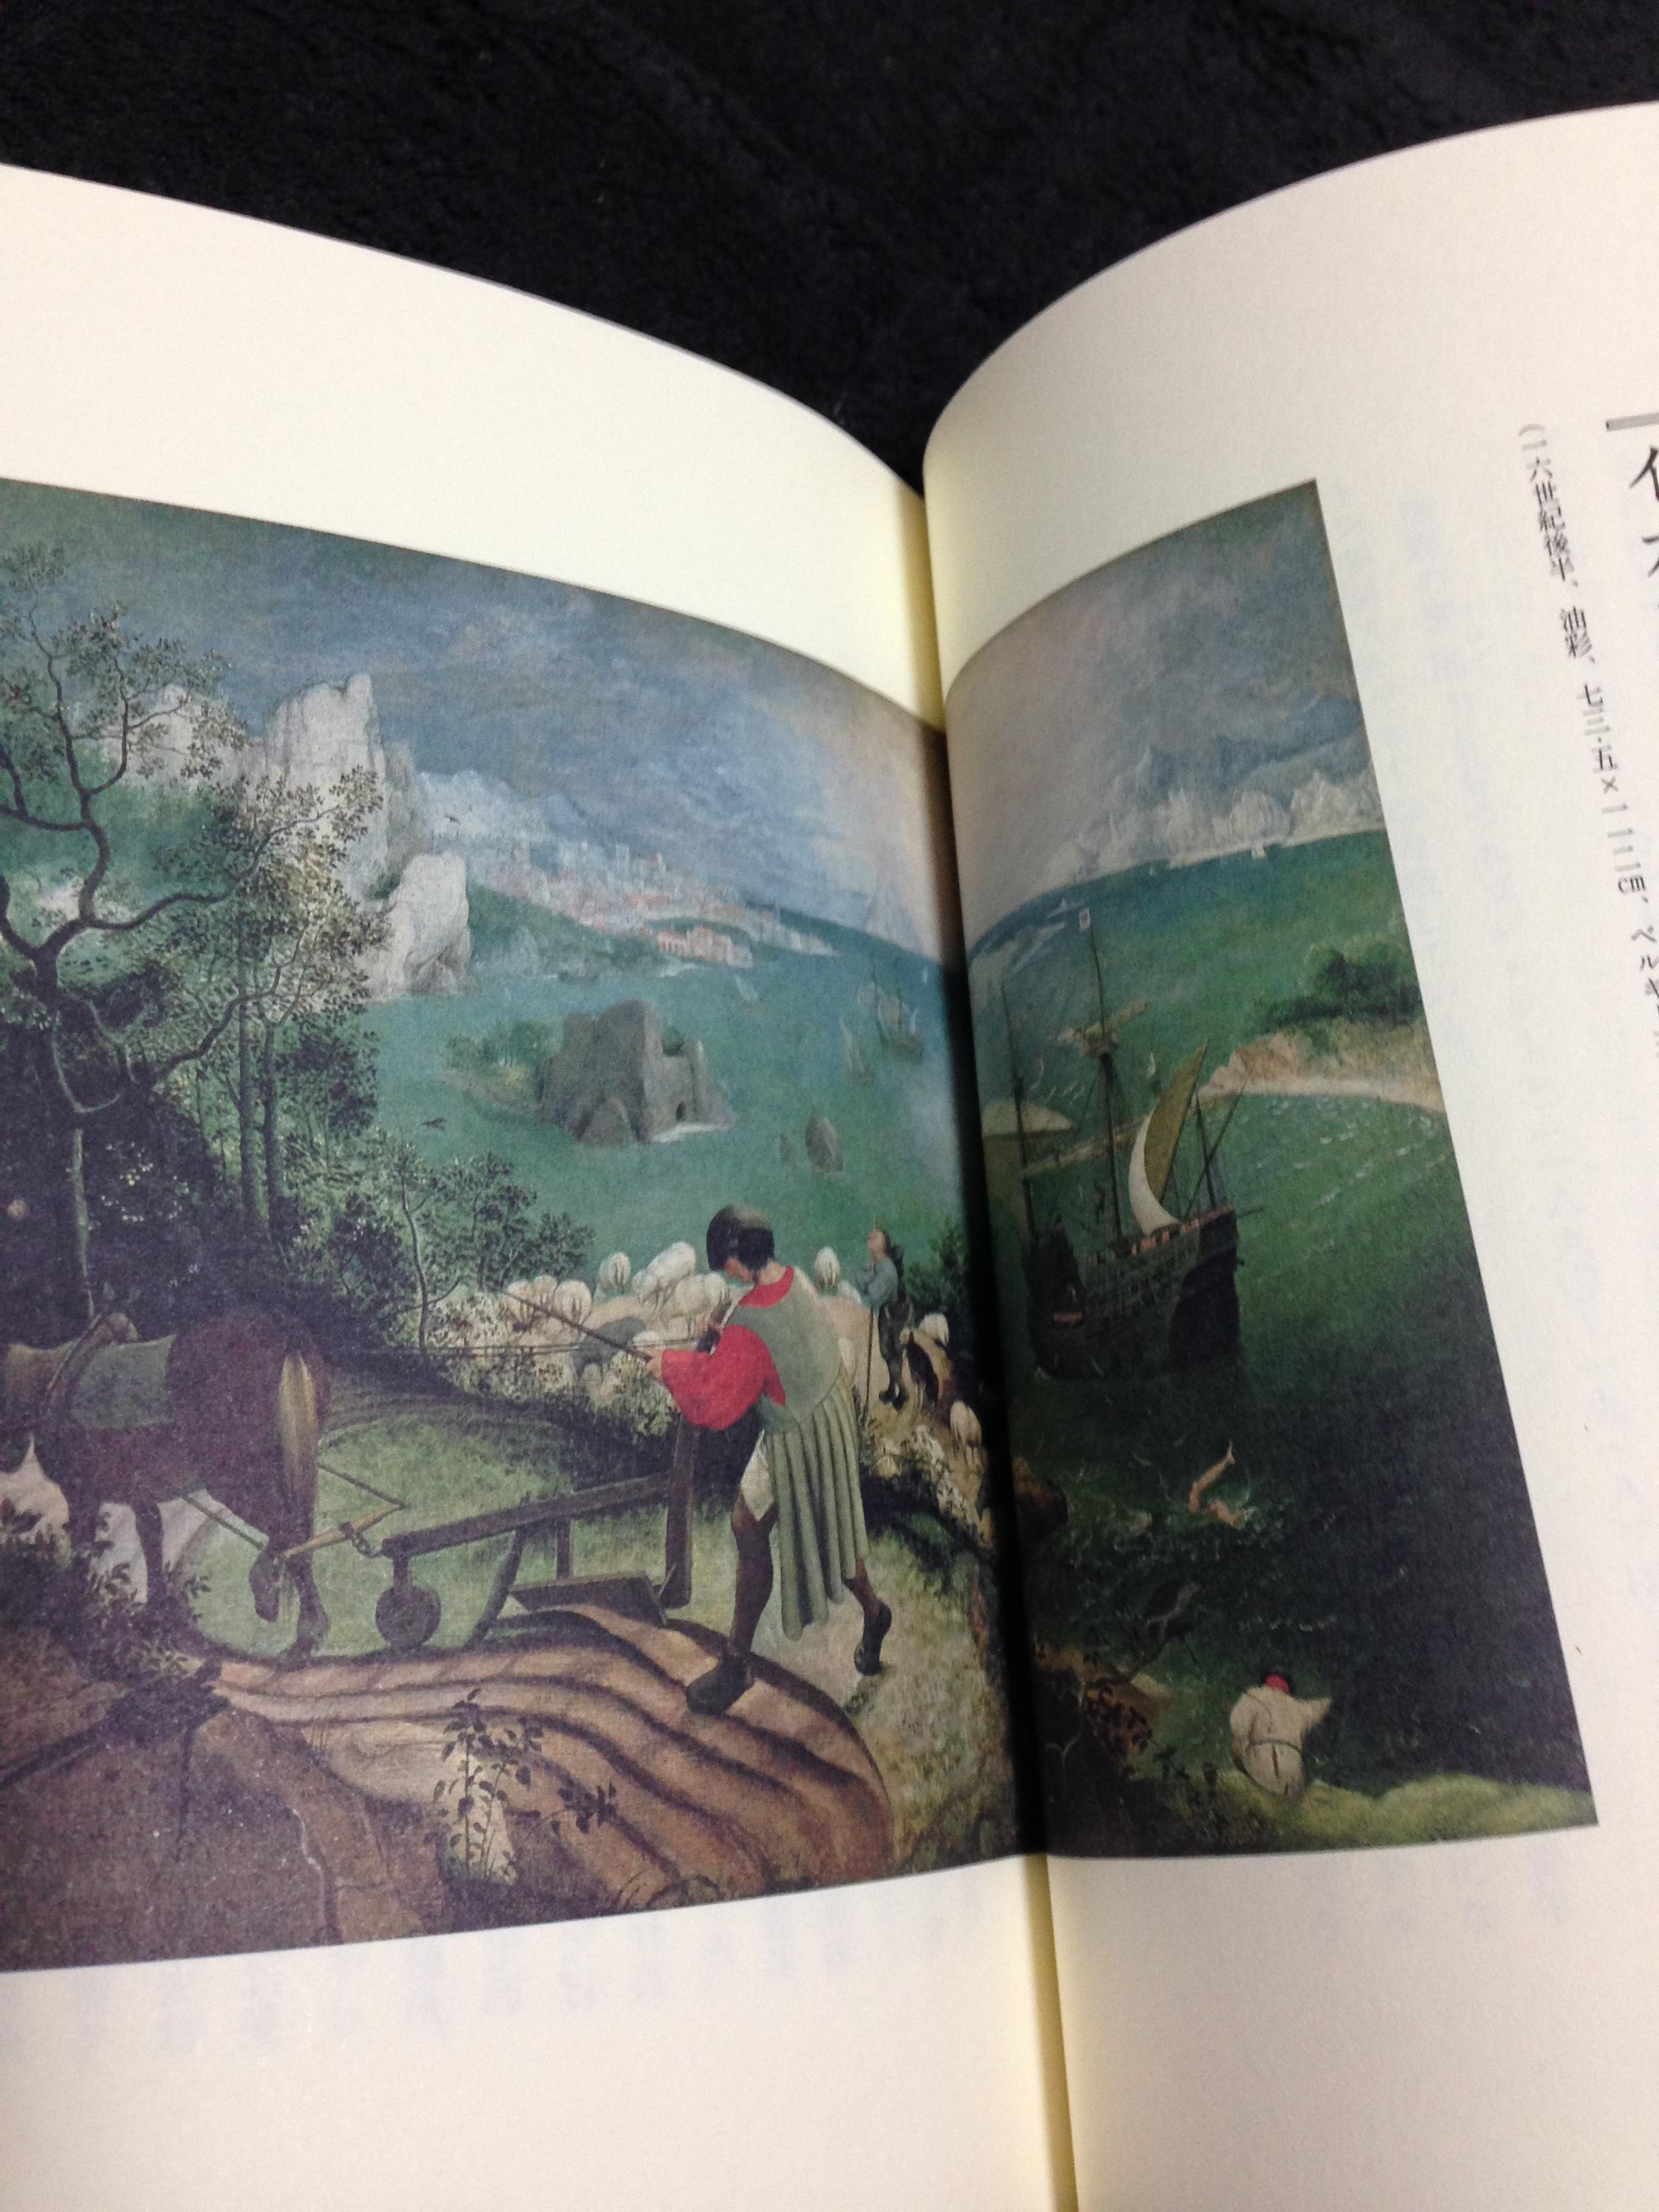 『怖い絵』が面白い!絵の知識や興味がなくても十分楽しめる。